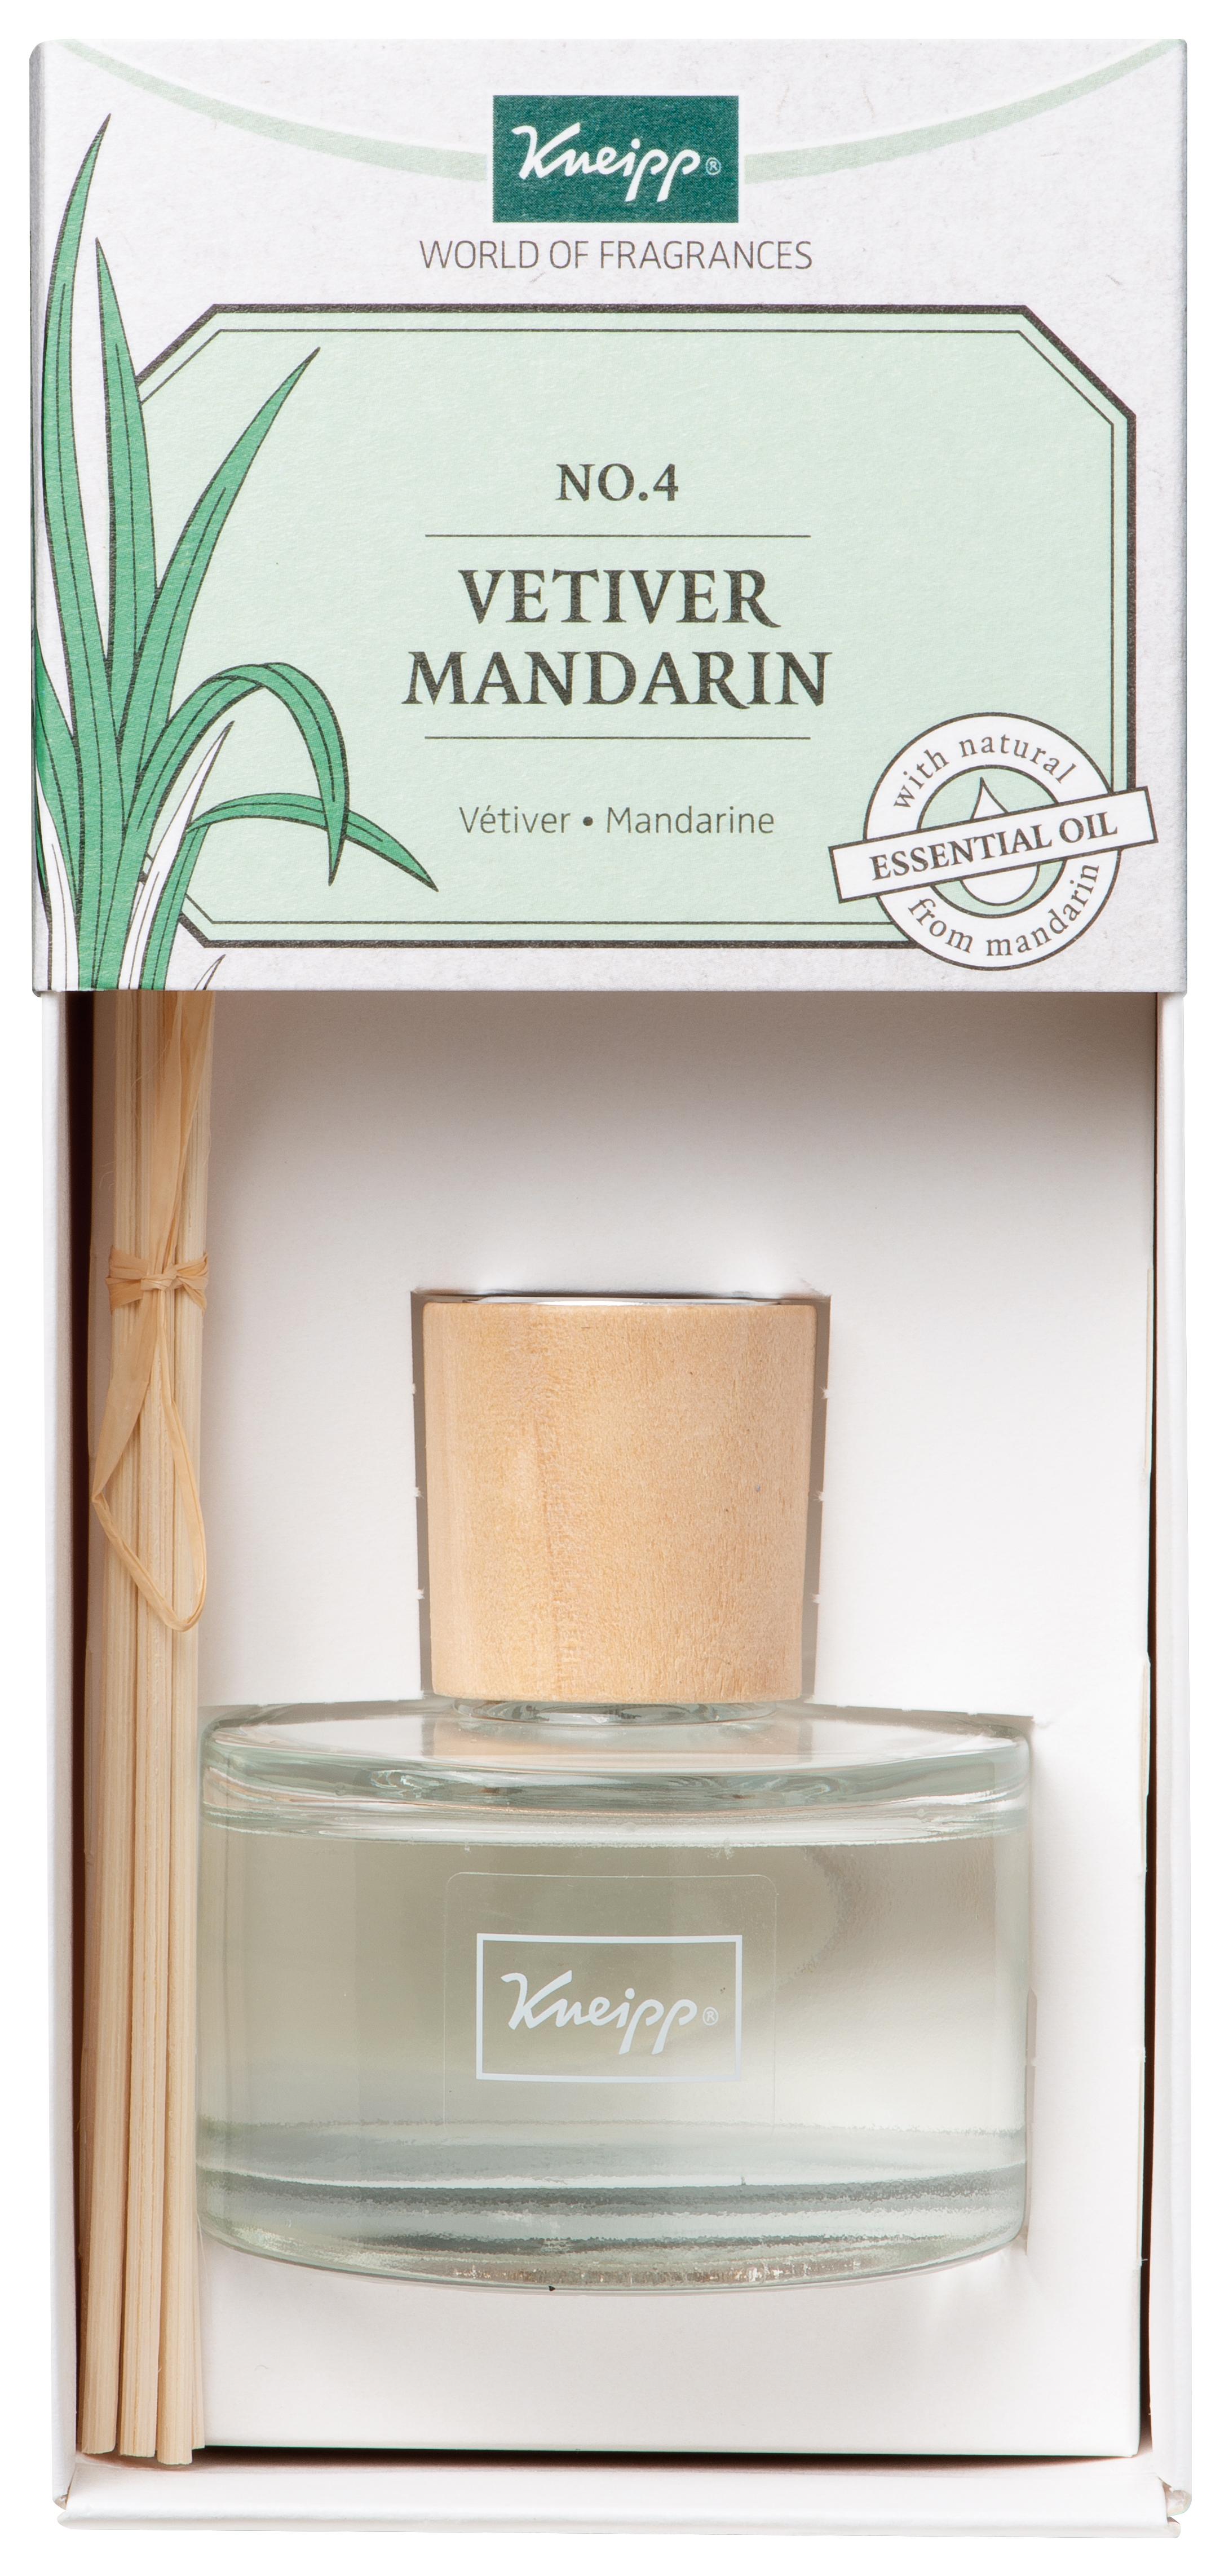 KNEIPP Geurstokjes Vetiver-Mandarin